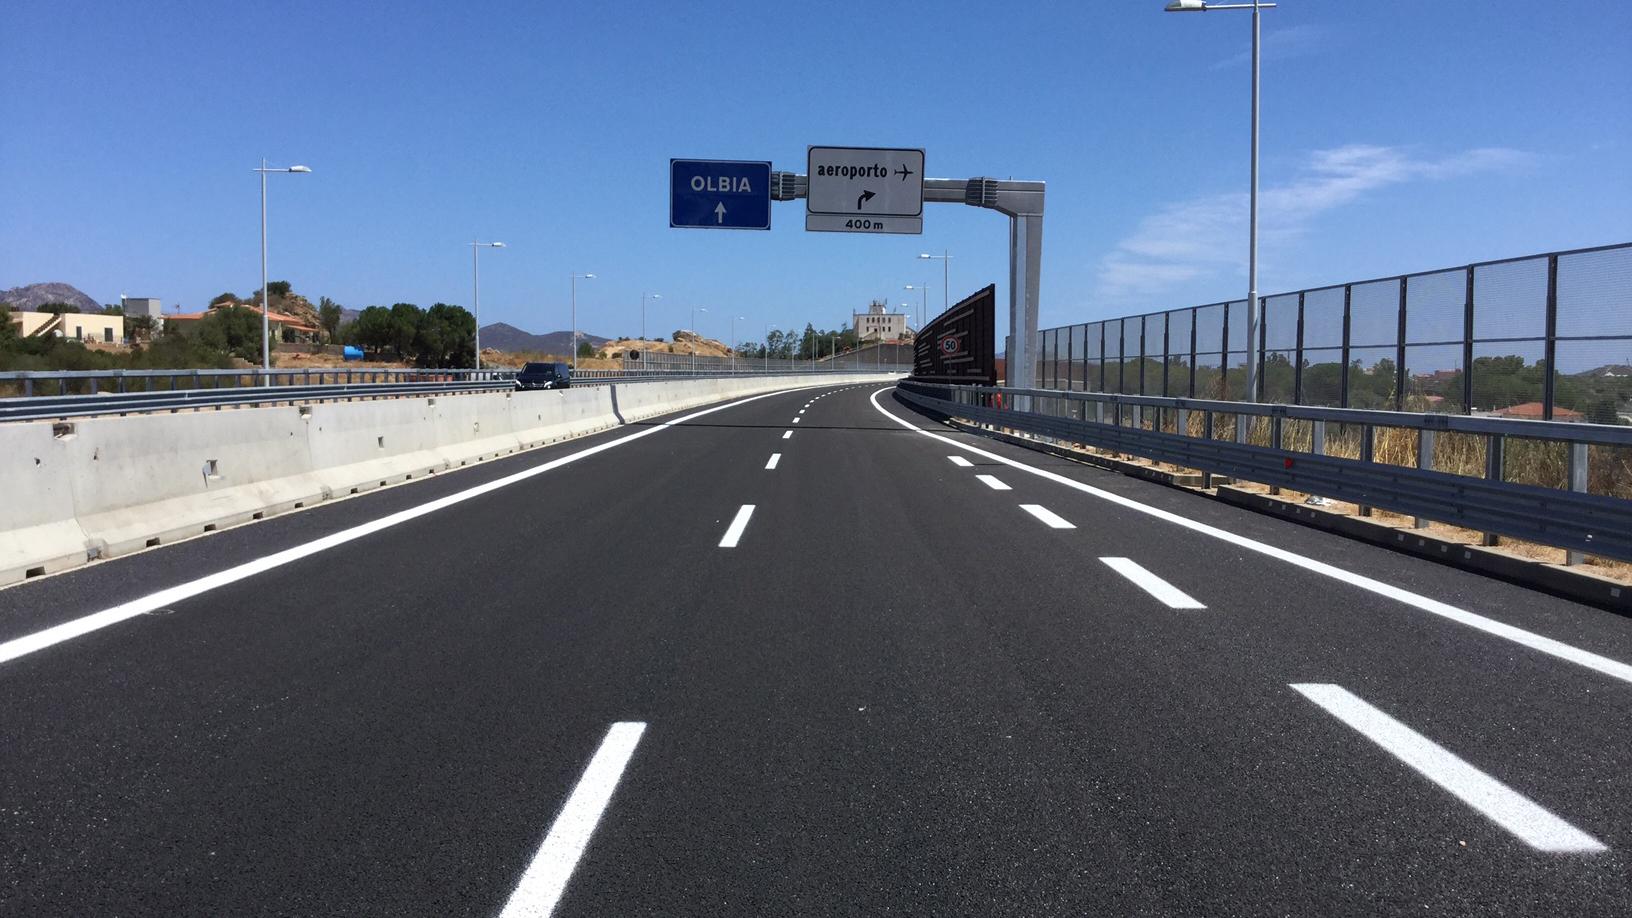 Strada statale 729 Sassari-Olbia, svincolo per l'aeroporto di Olbia (Archivio storico Anas)